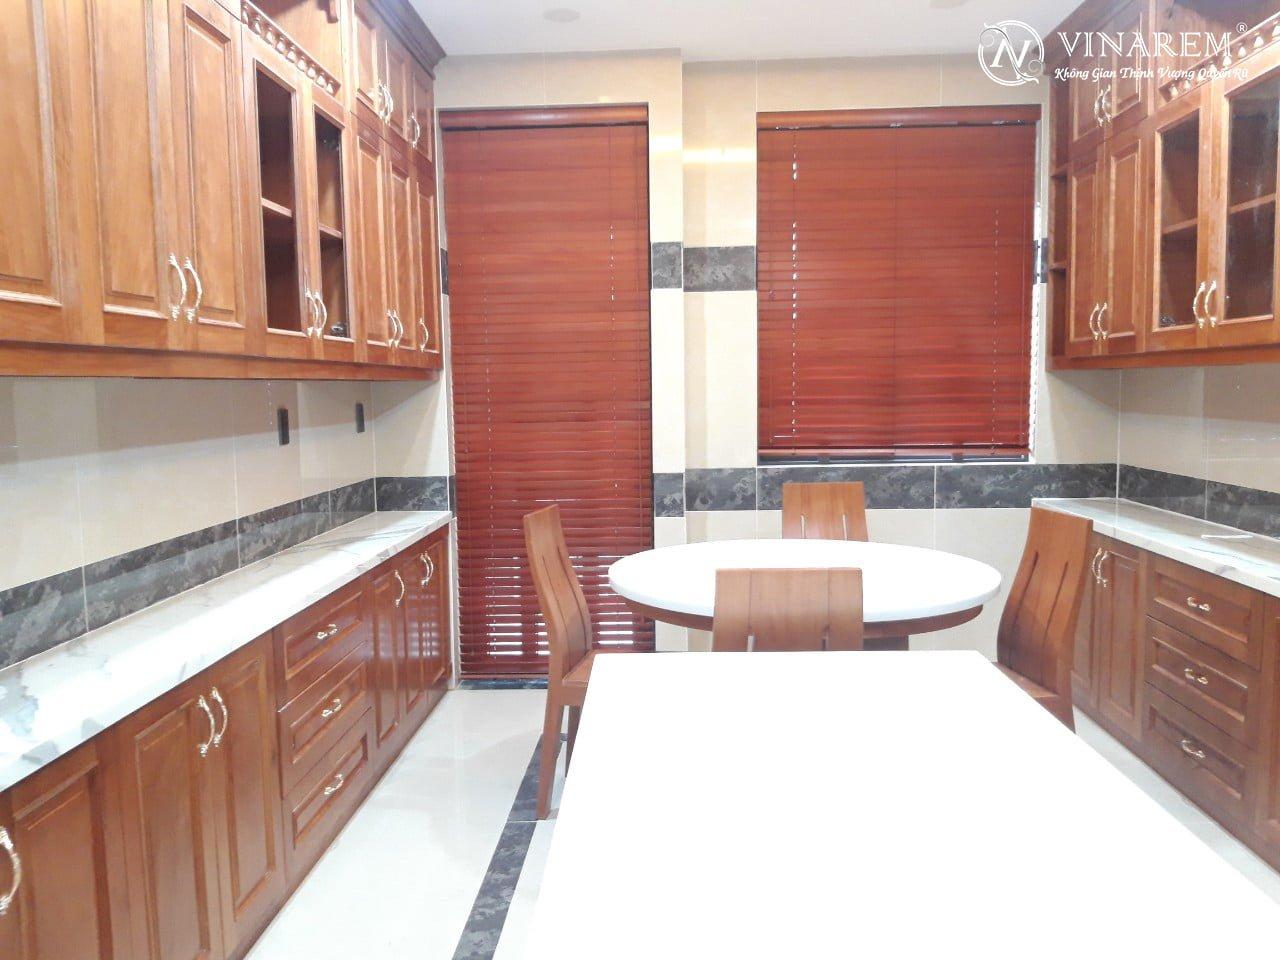 Rèm sáo gỗ cao cấp cho không gian nhà bếp | Vinarem